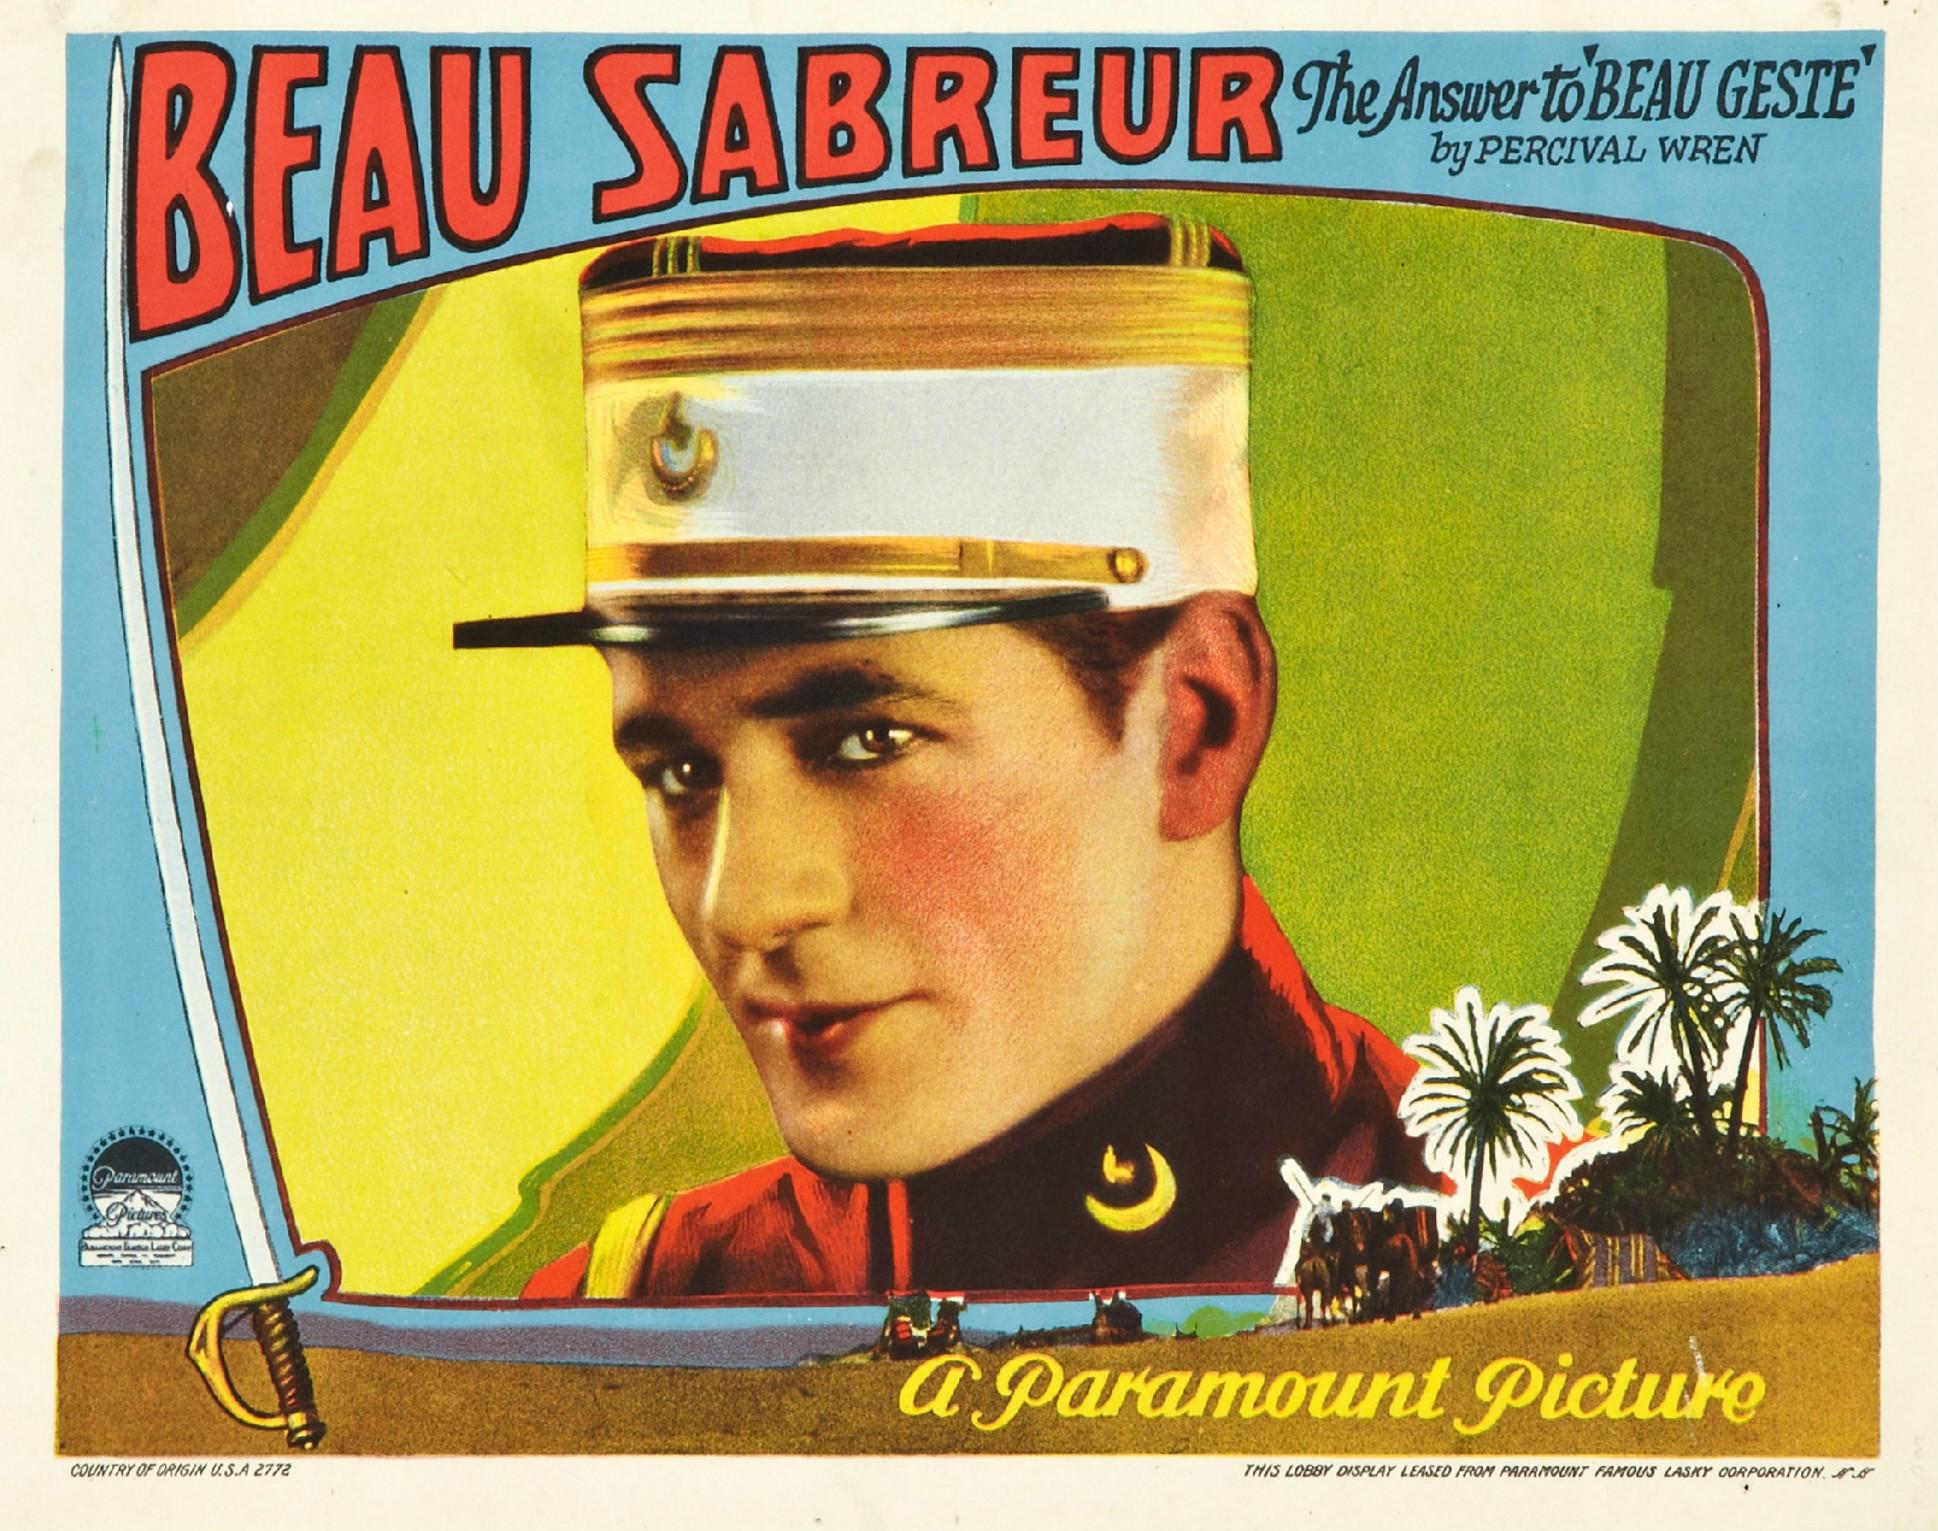 Beau Sabreur - Wikipedia Film Reels